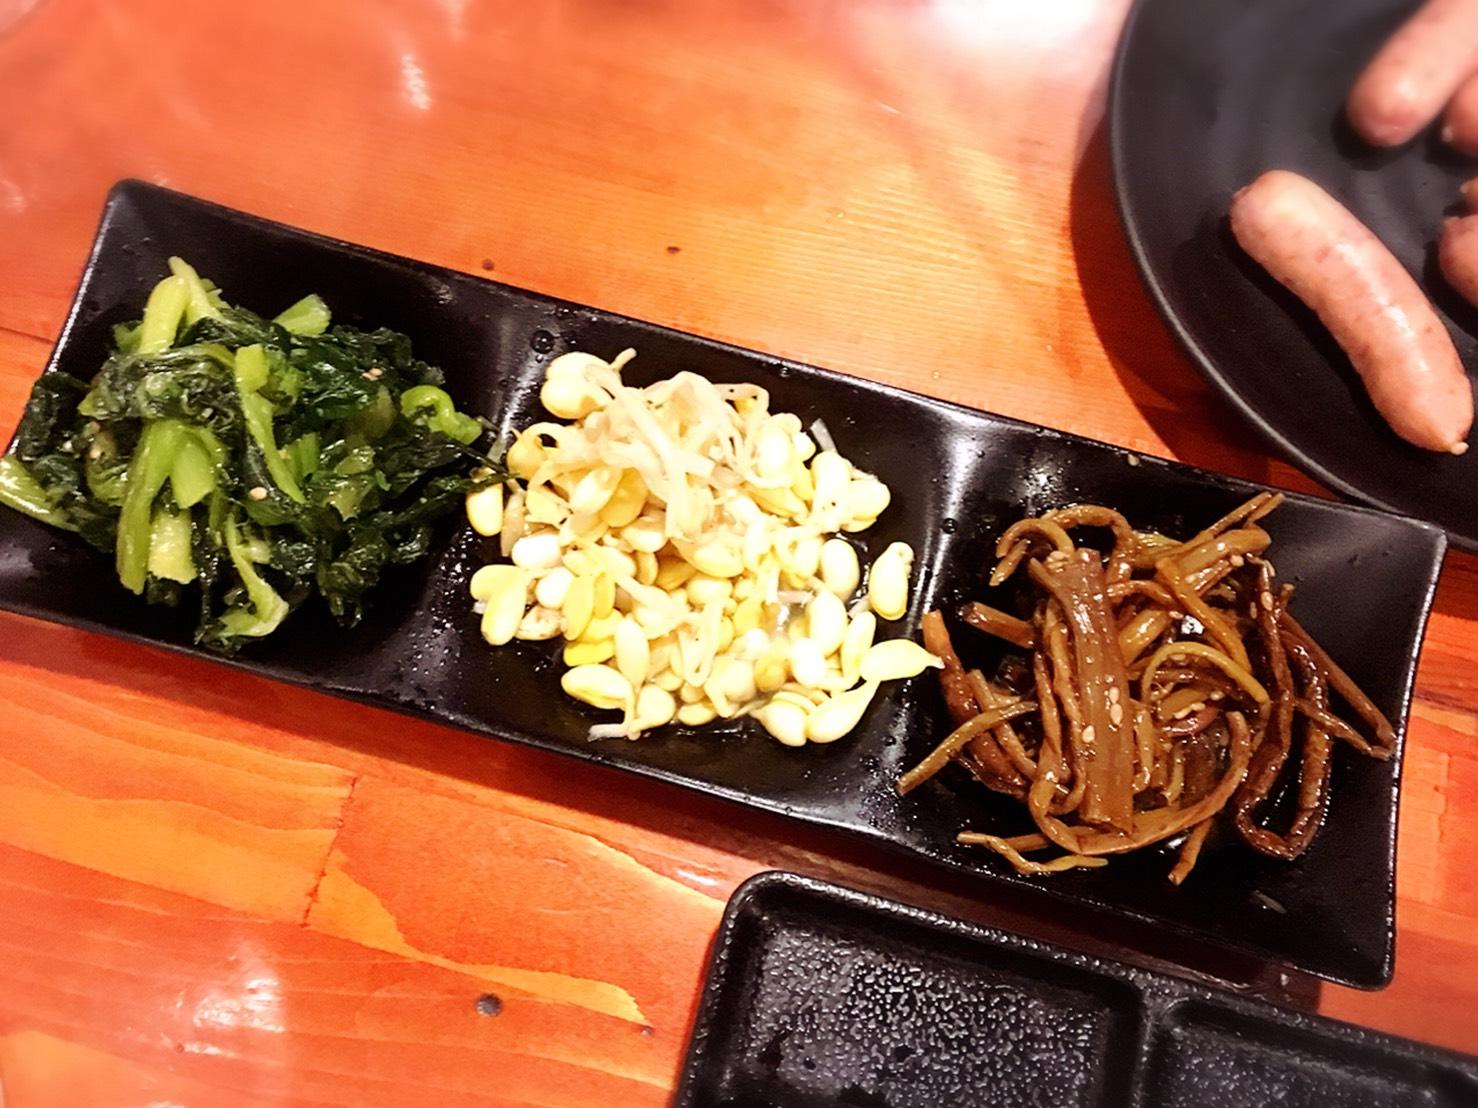 七輪焼肉 安安 大塚店のナムル3種の盛り合わせ